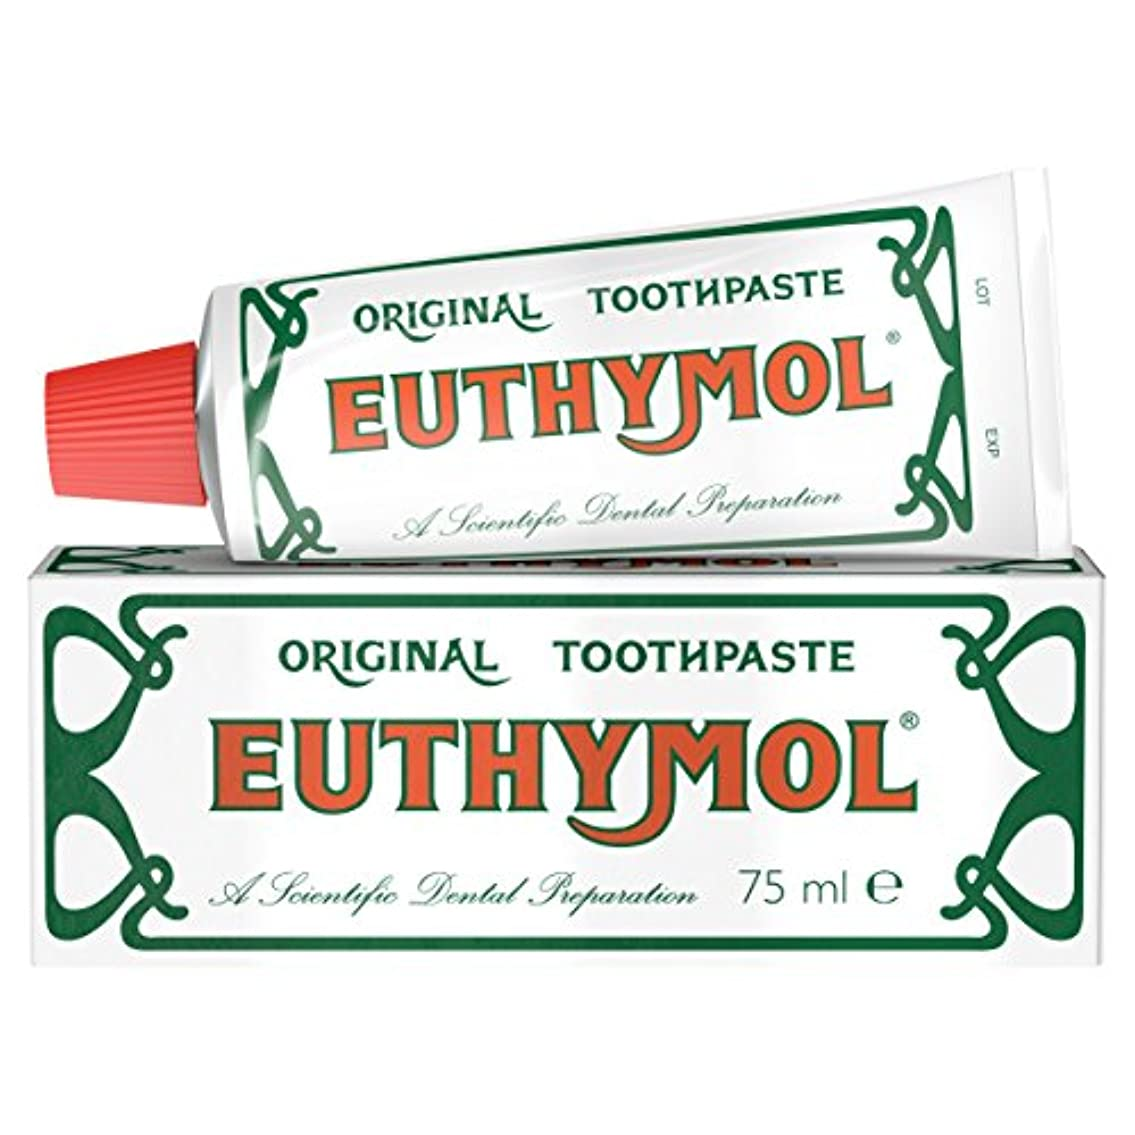 十代付与銀河Euthymol オリジナル歯磨き粉 75ml 並行輸入品 Euthymol Original Toothpaste 75 Ml